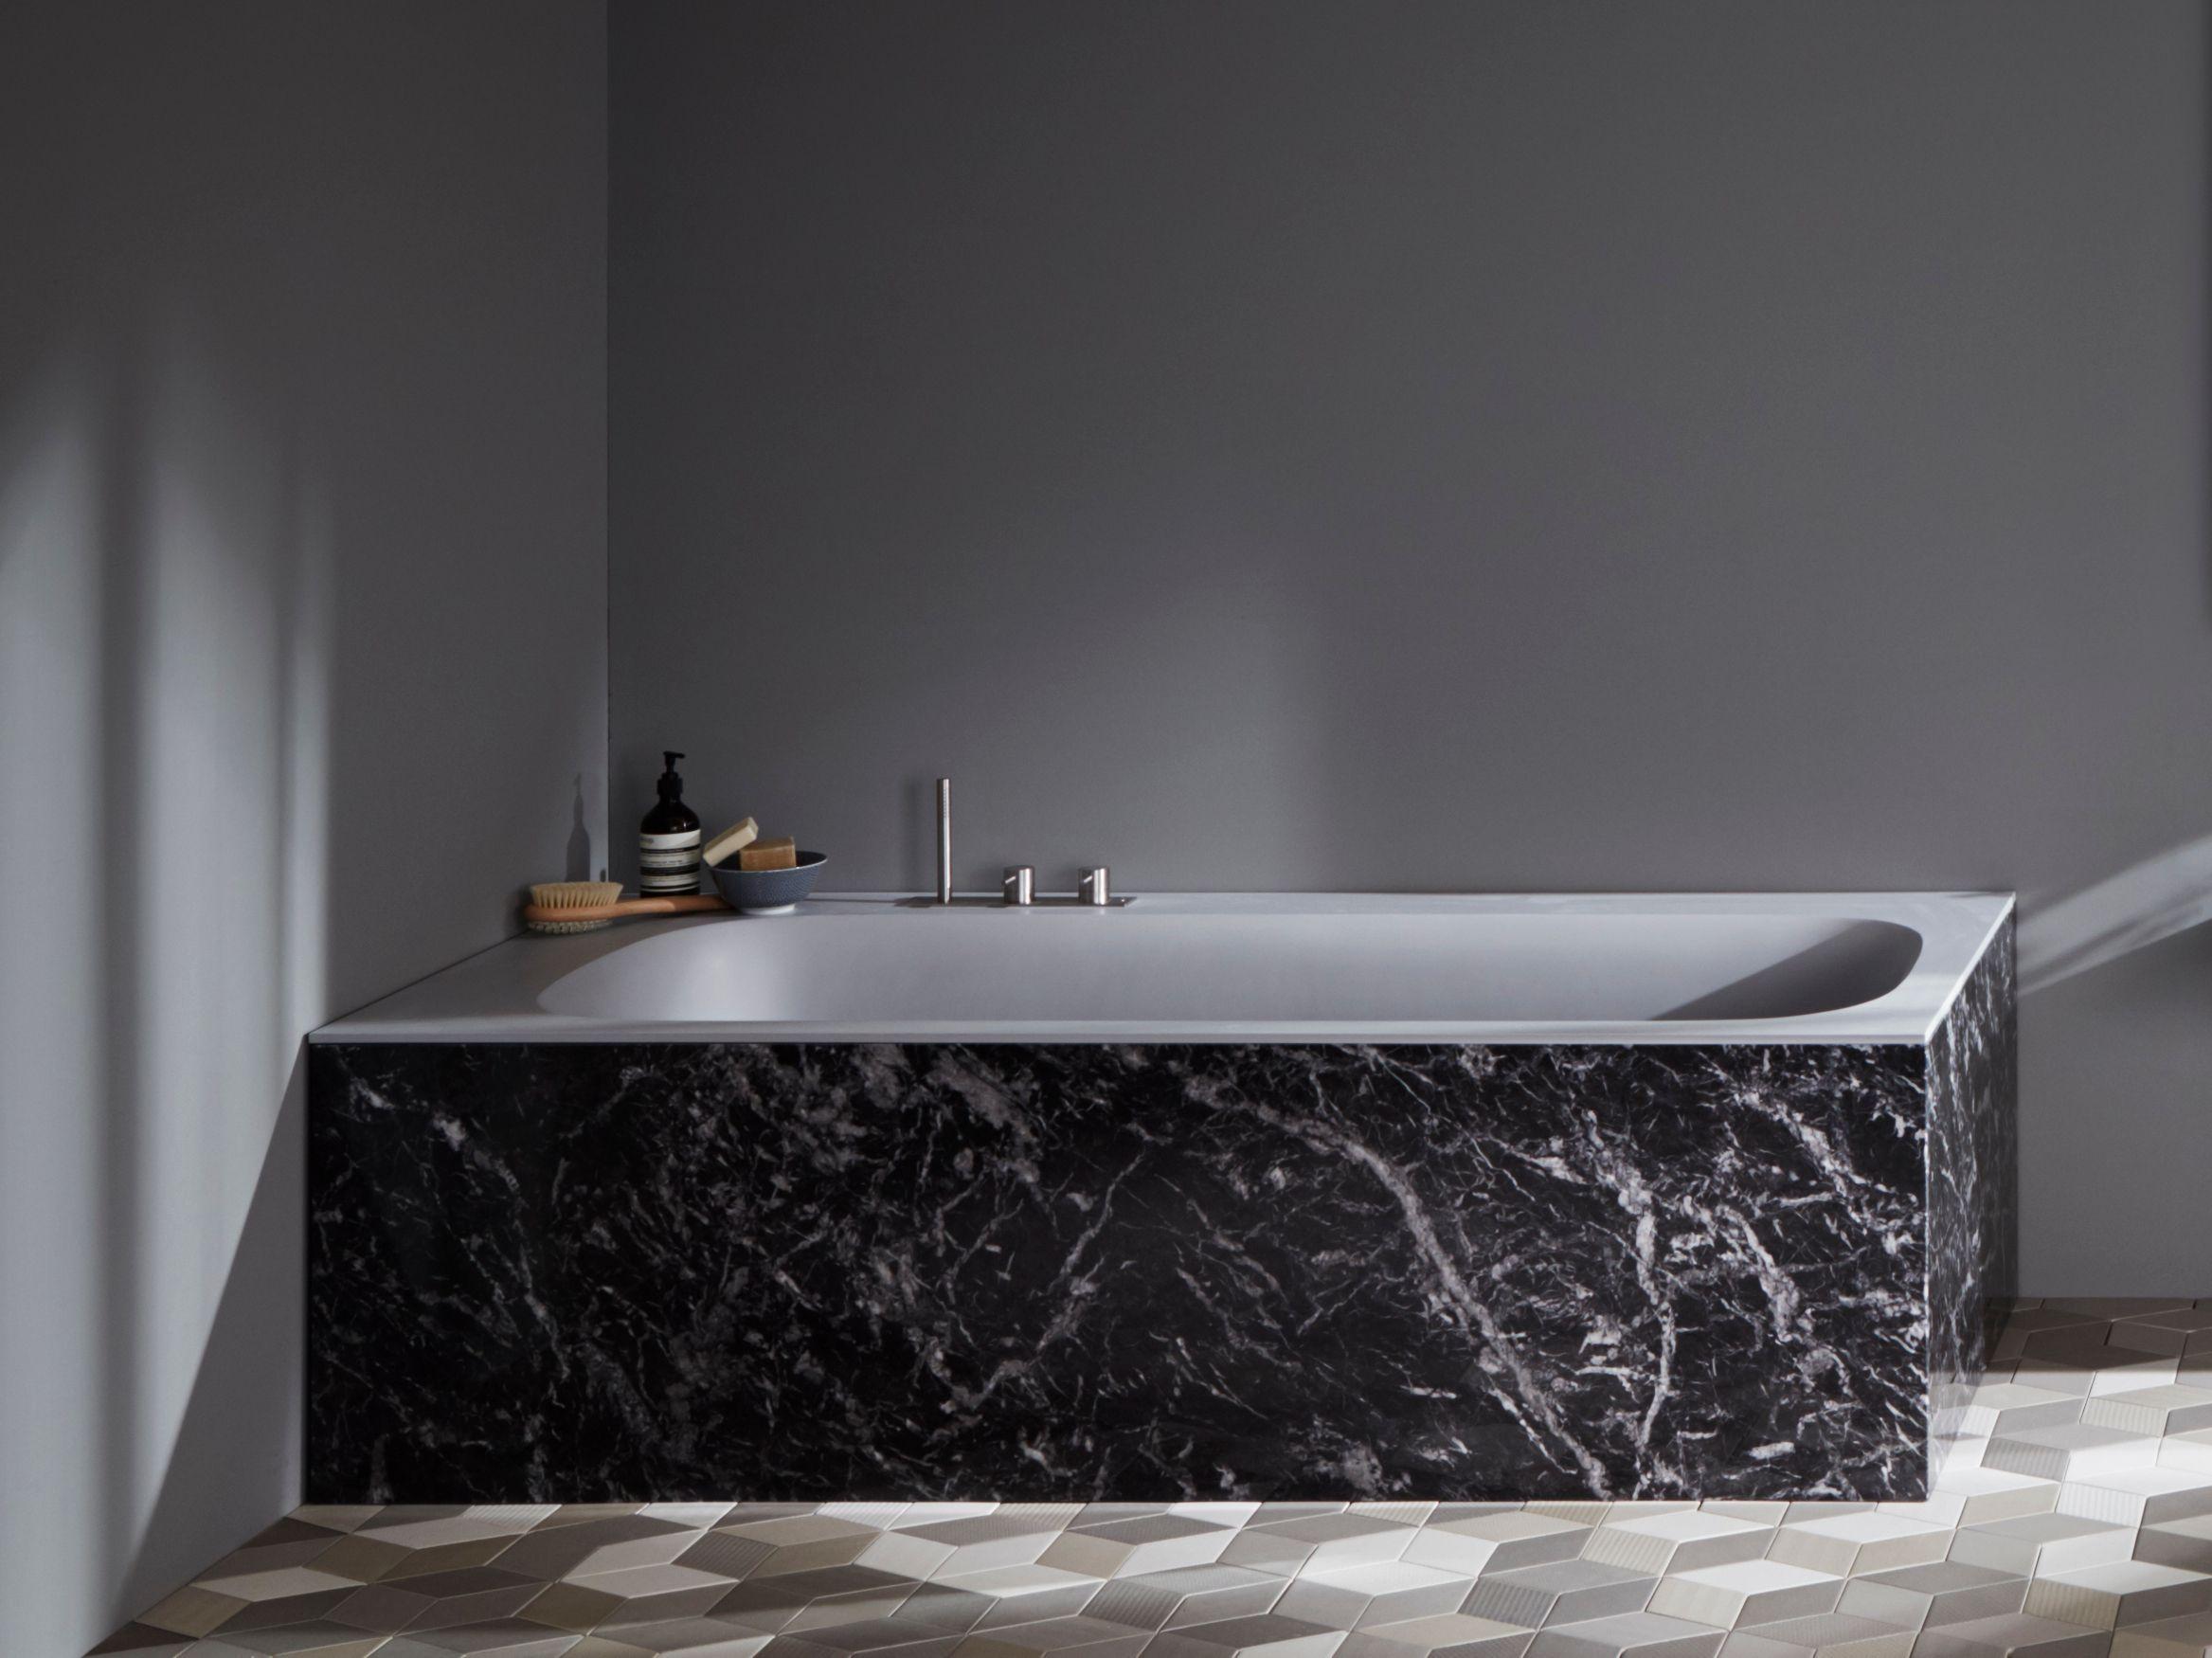 Vasca da bagno collezione r1 by rexa design design monica graffeo - Vasca da bagno rettangolare ...